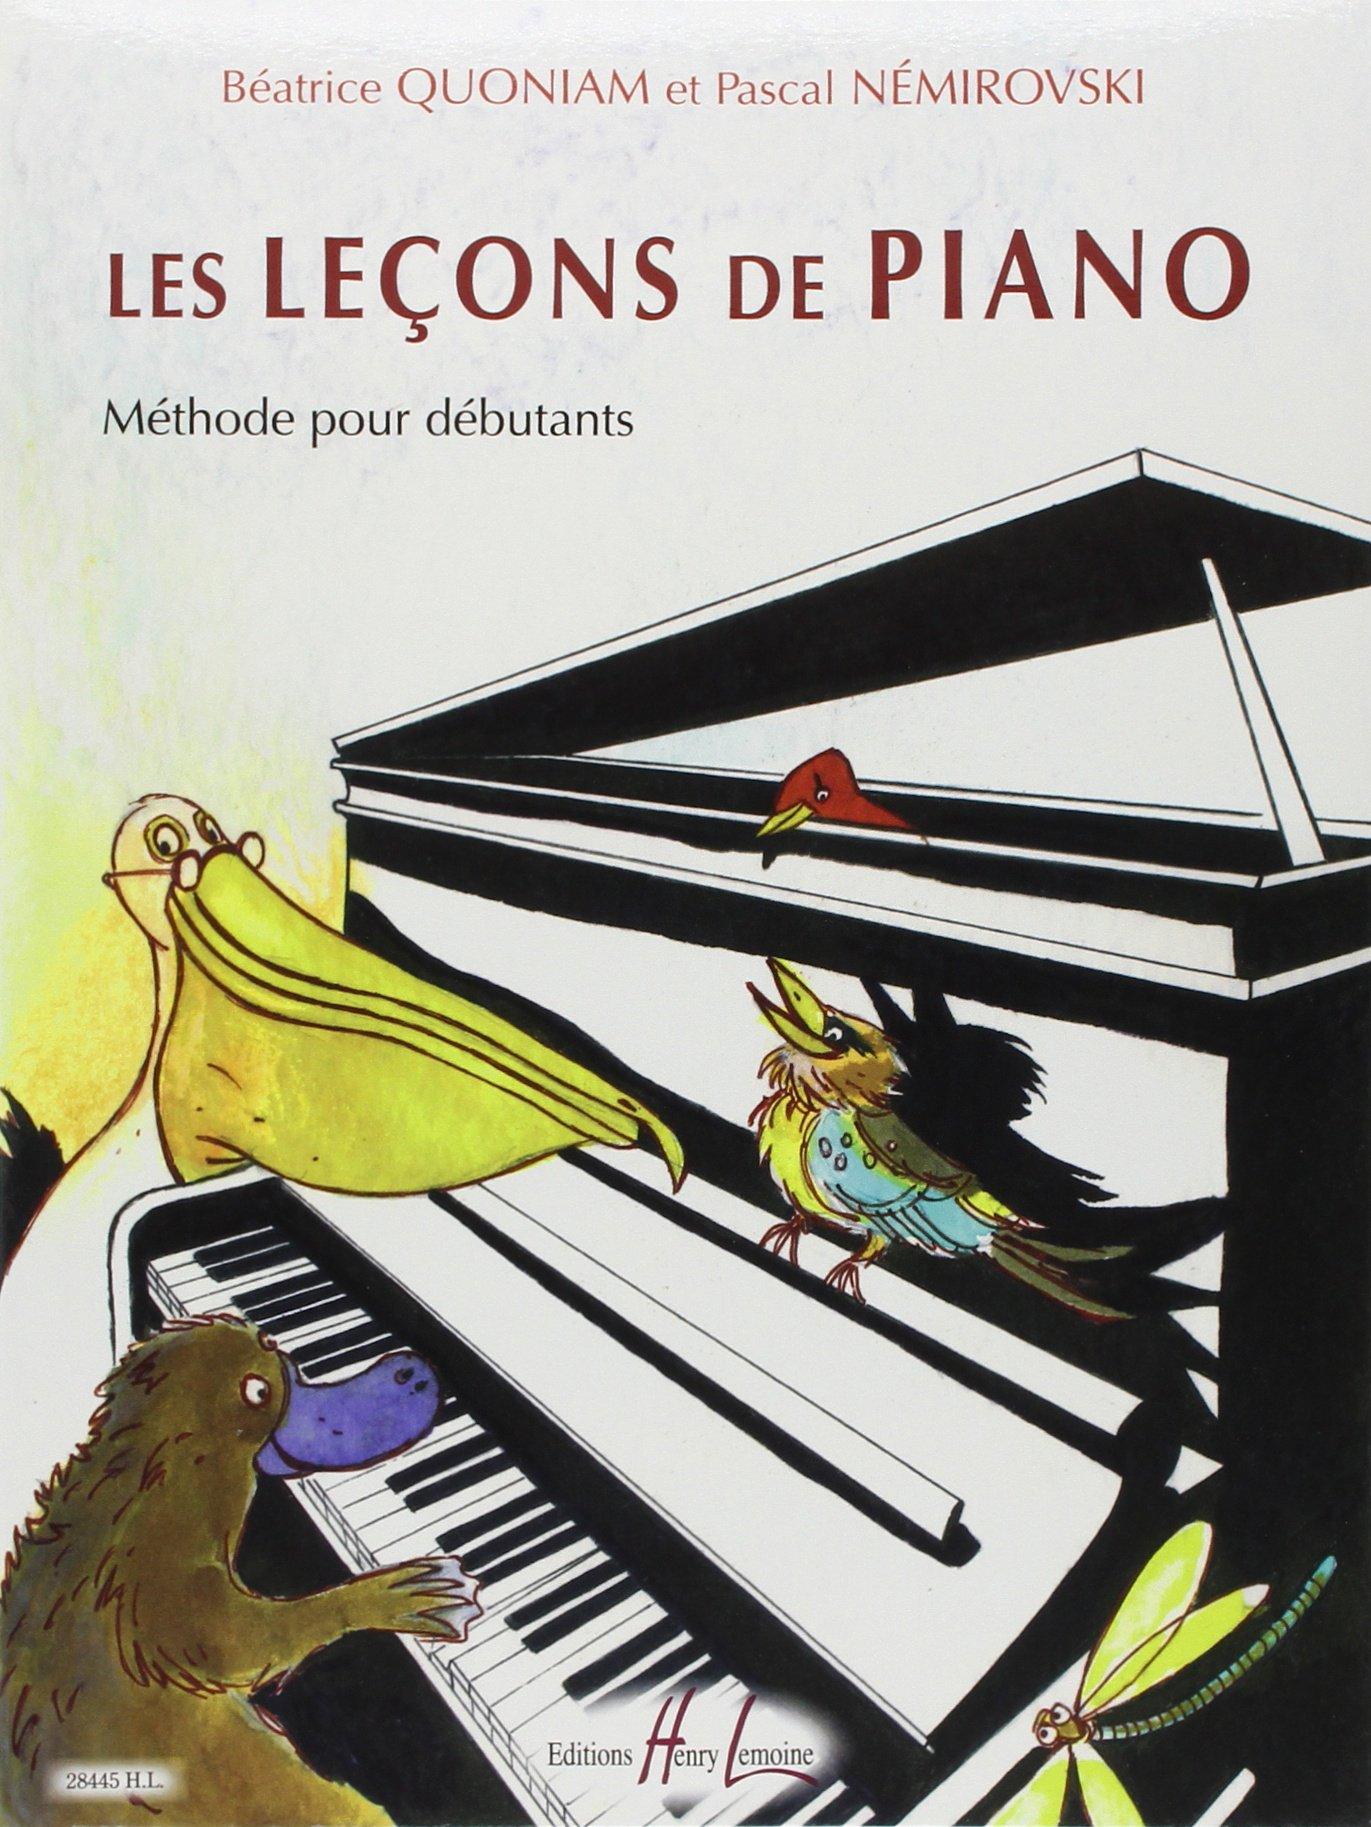 Extrêmement Amazon.fr - Les Leçons de piano - Béatrice Quoniam, Pascal  DV03